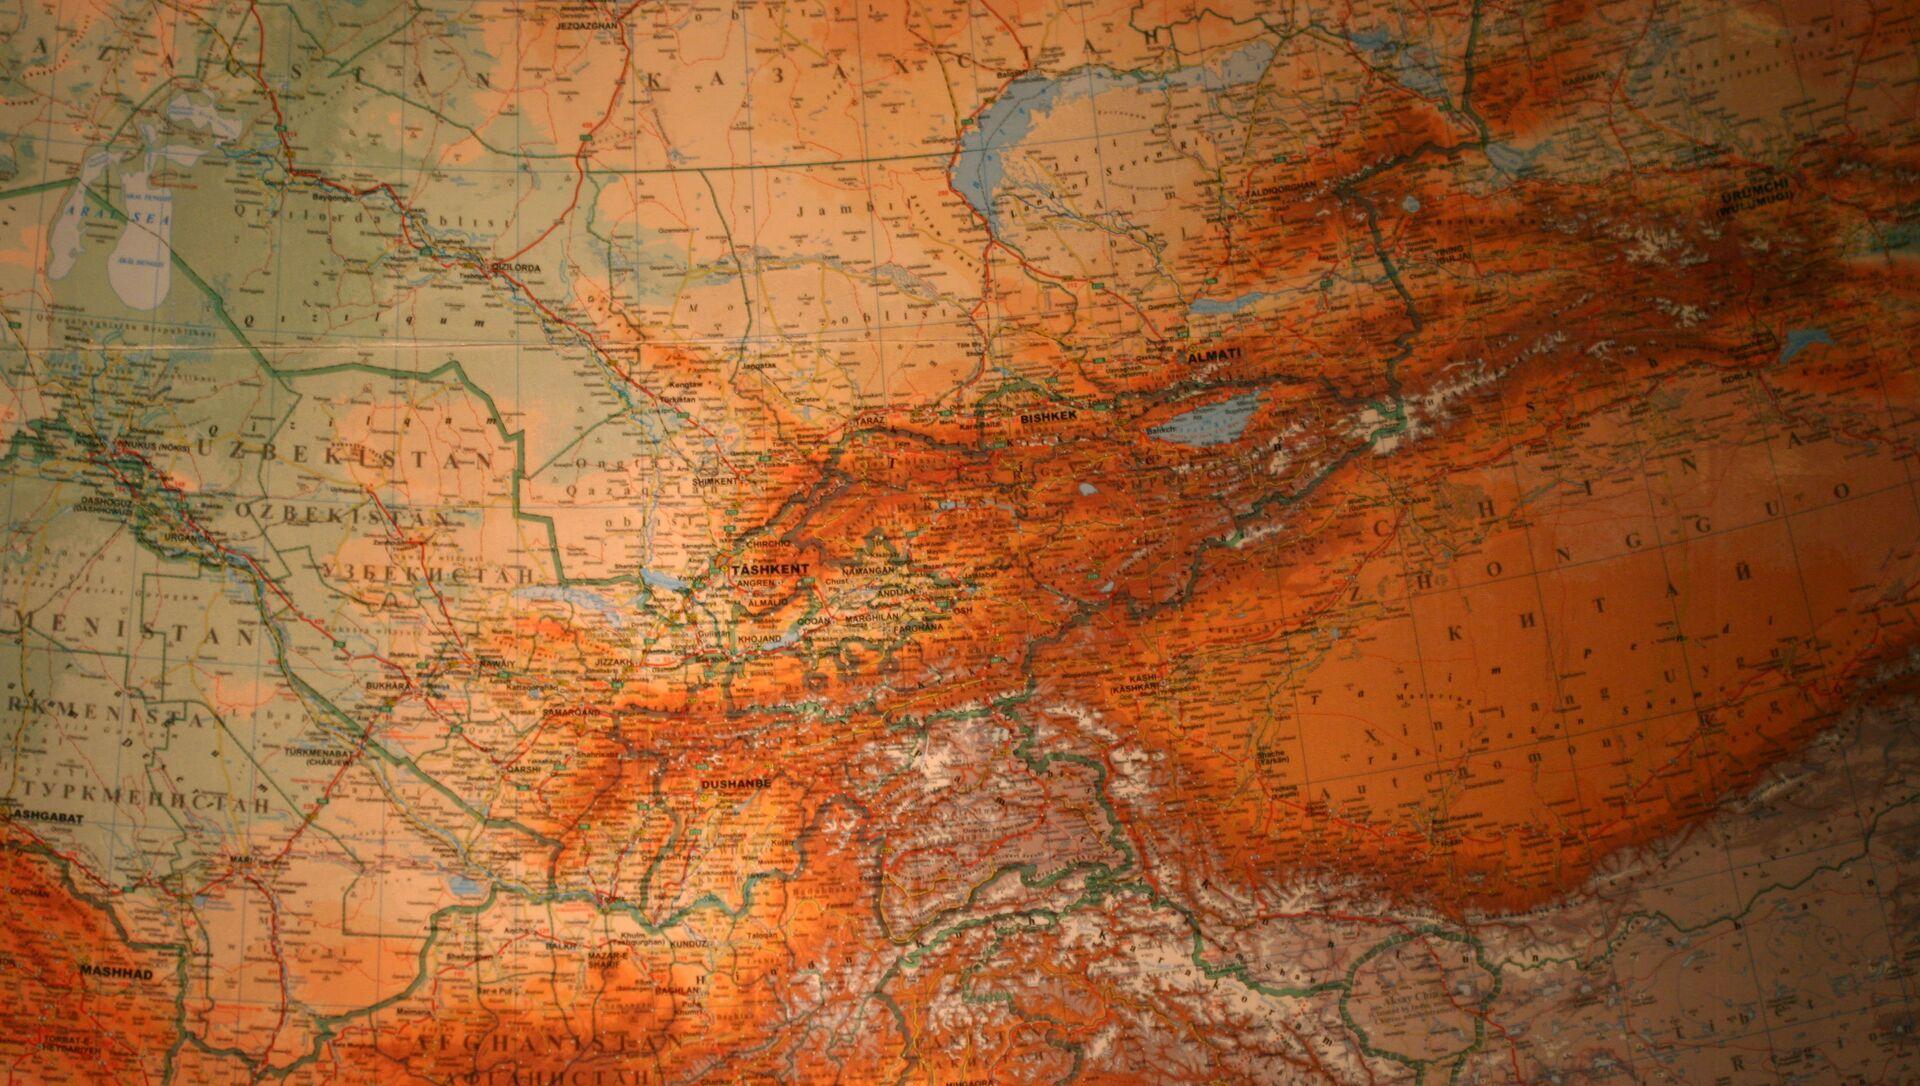 El mapa de Asia Central - Sputnik Mundo, 1920, 24.10.2020